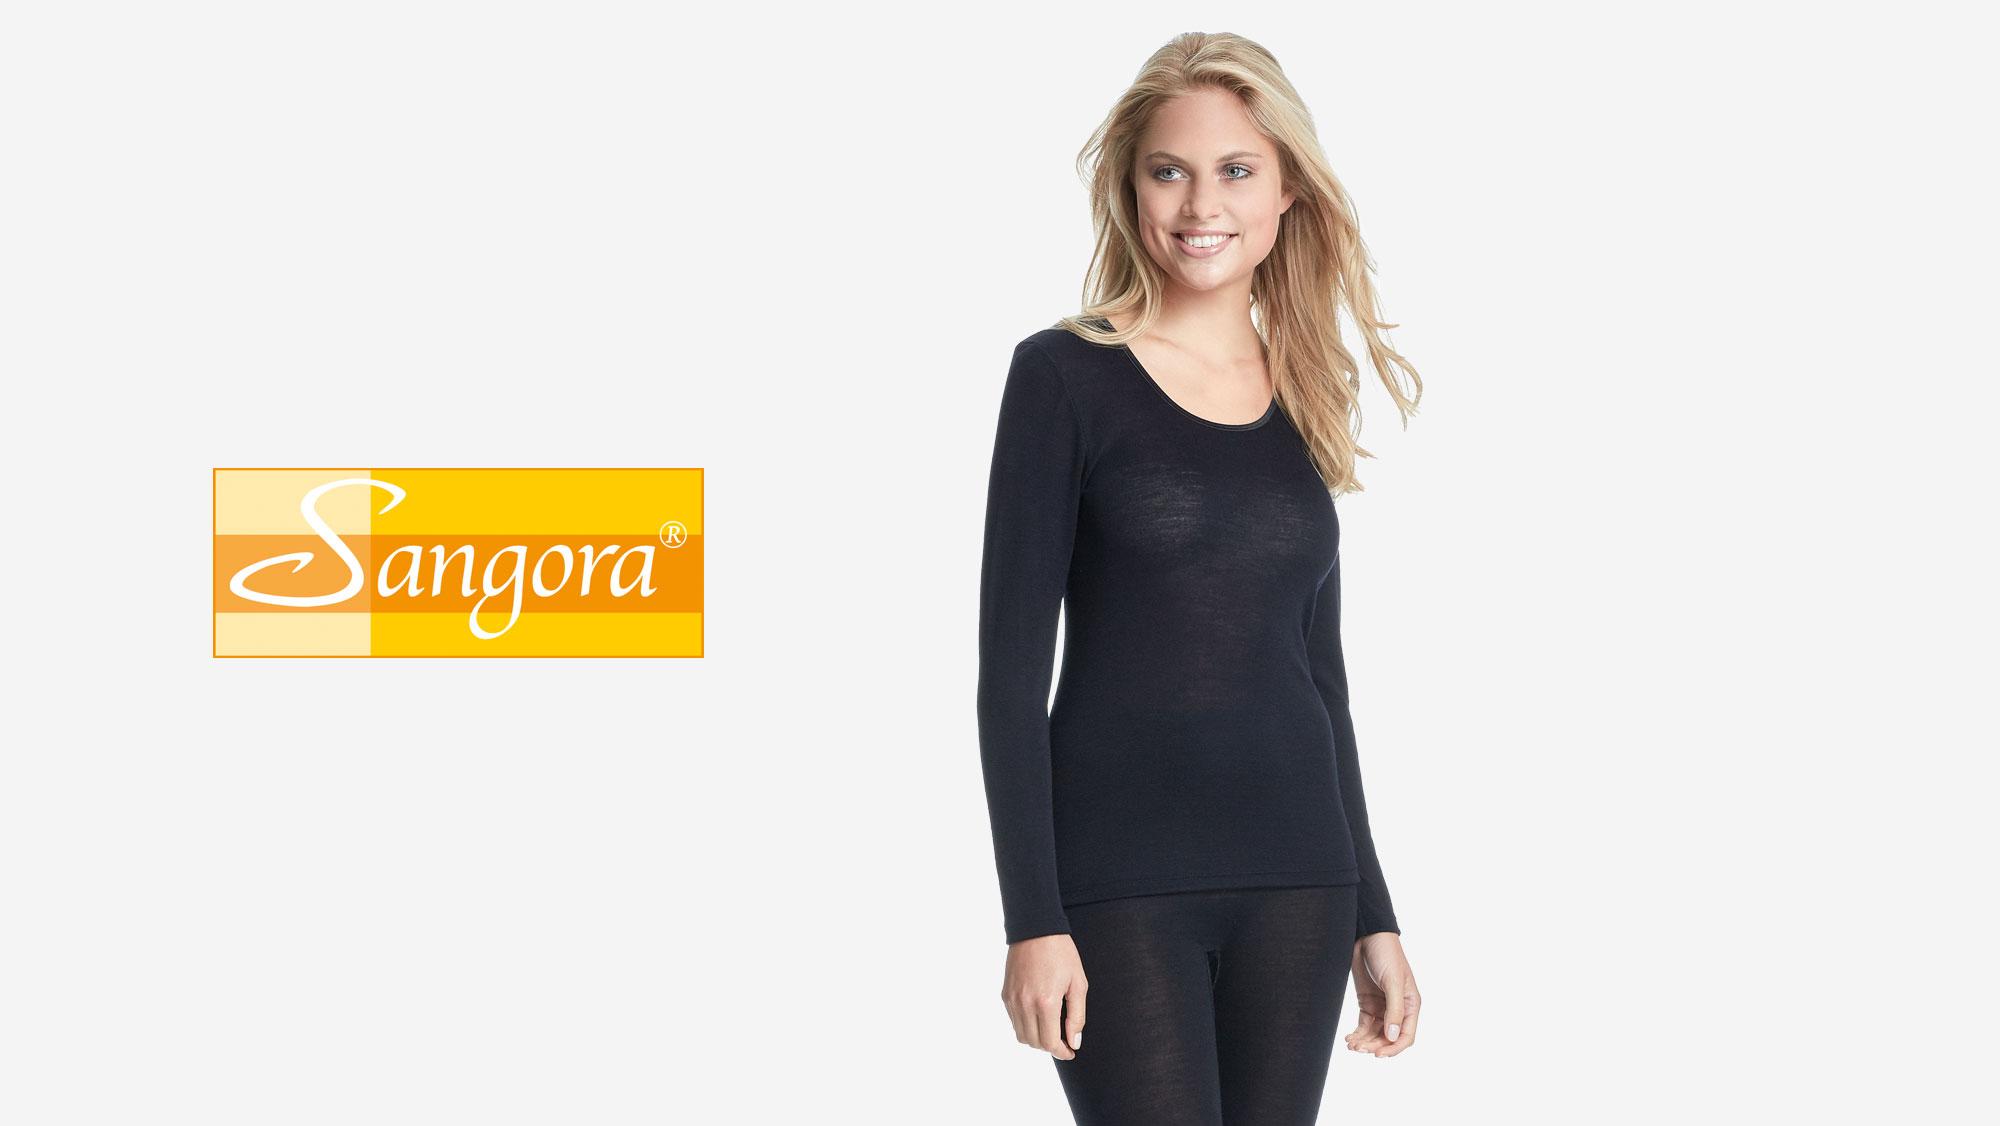 Sangora Markenstartseitenbild